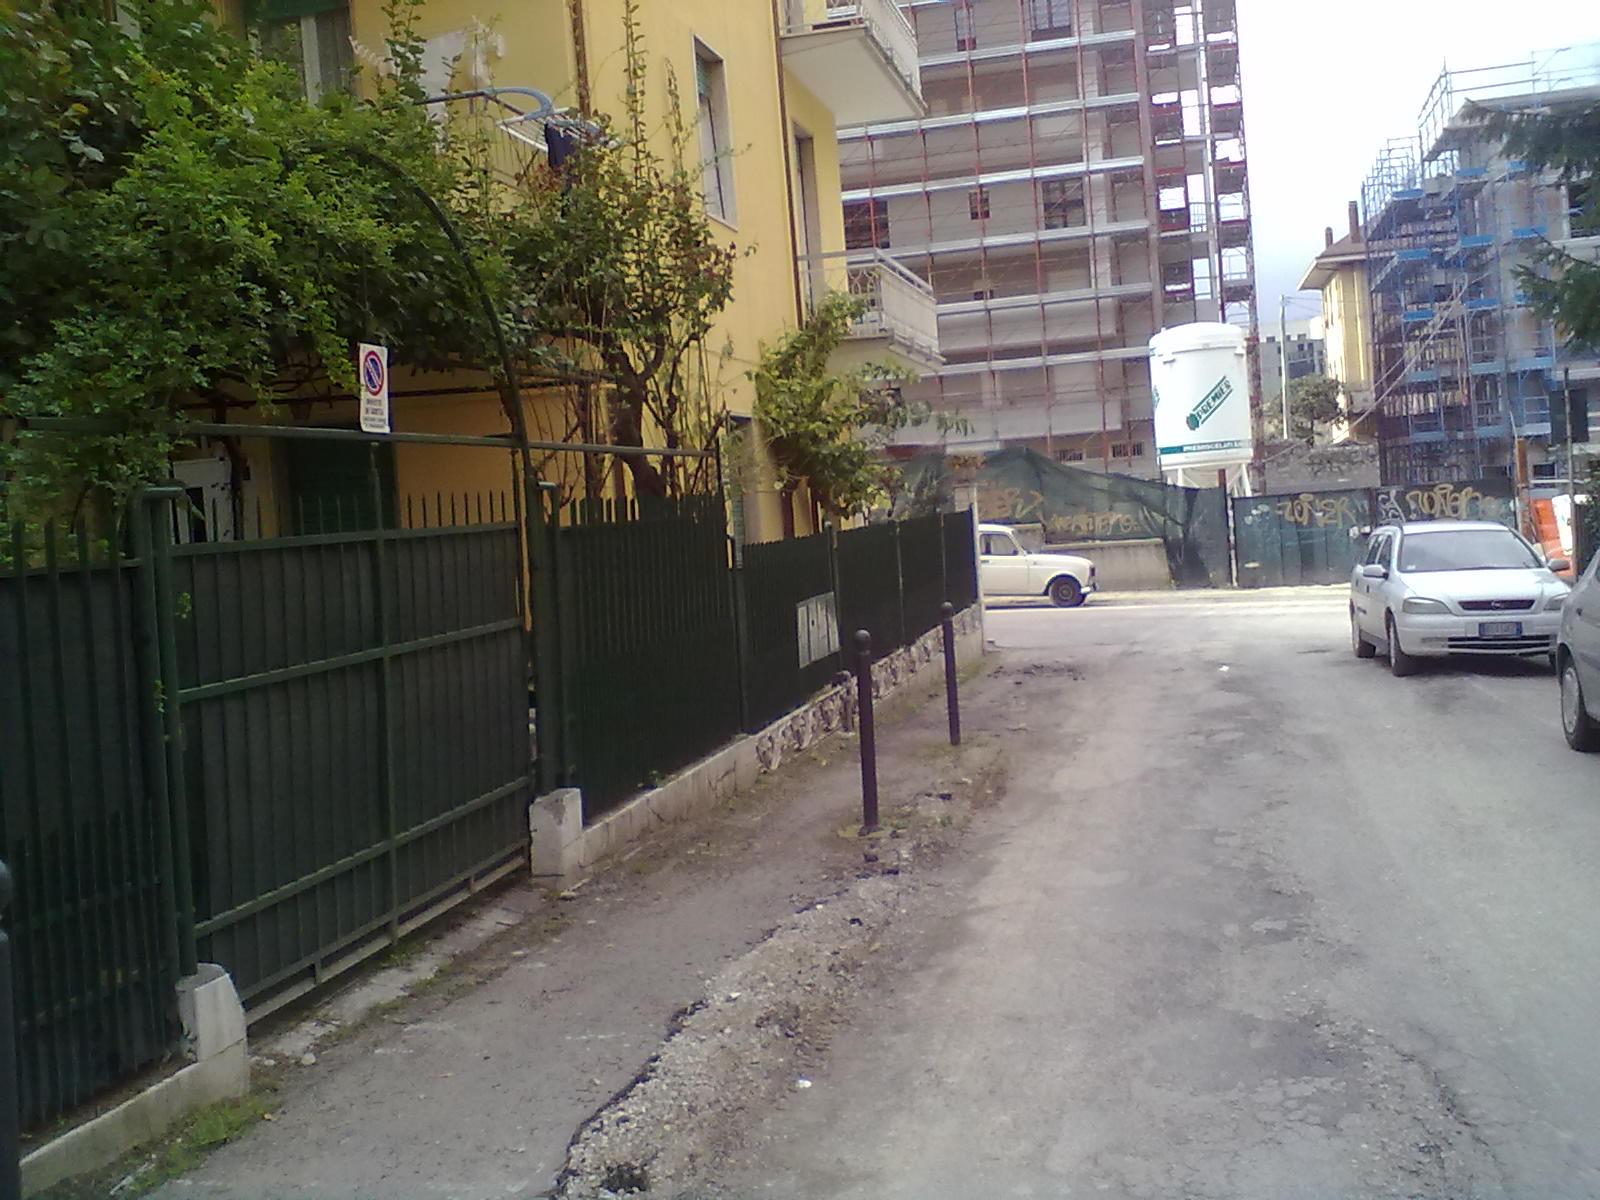 Via Montecassino